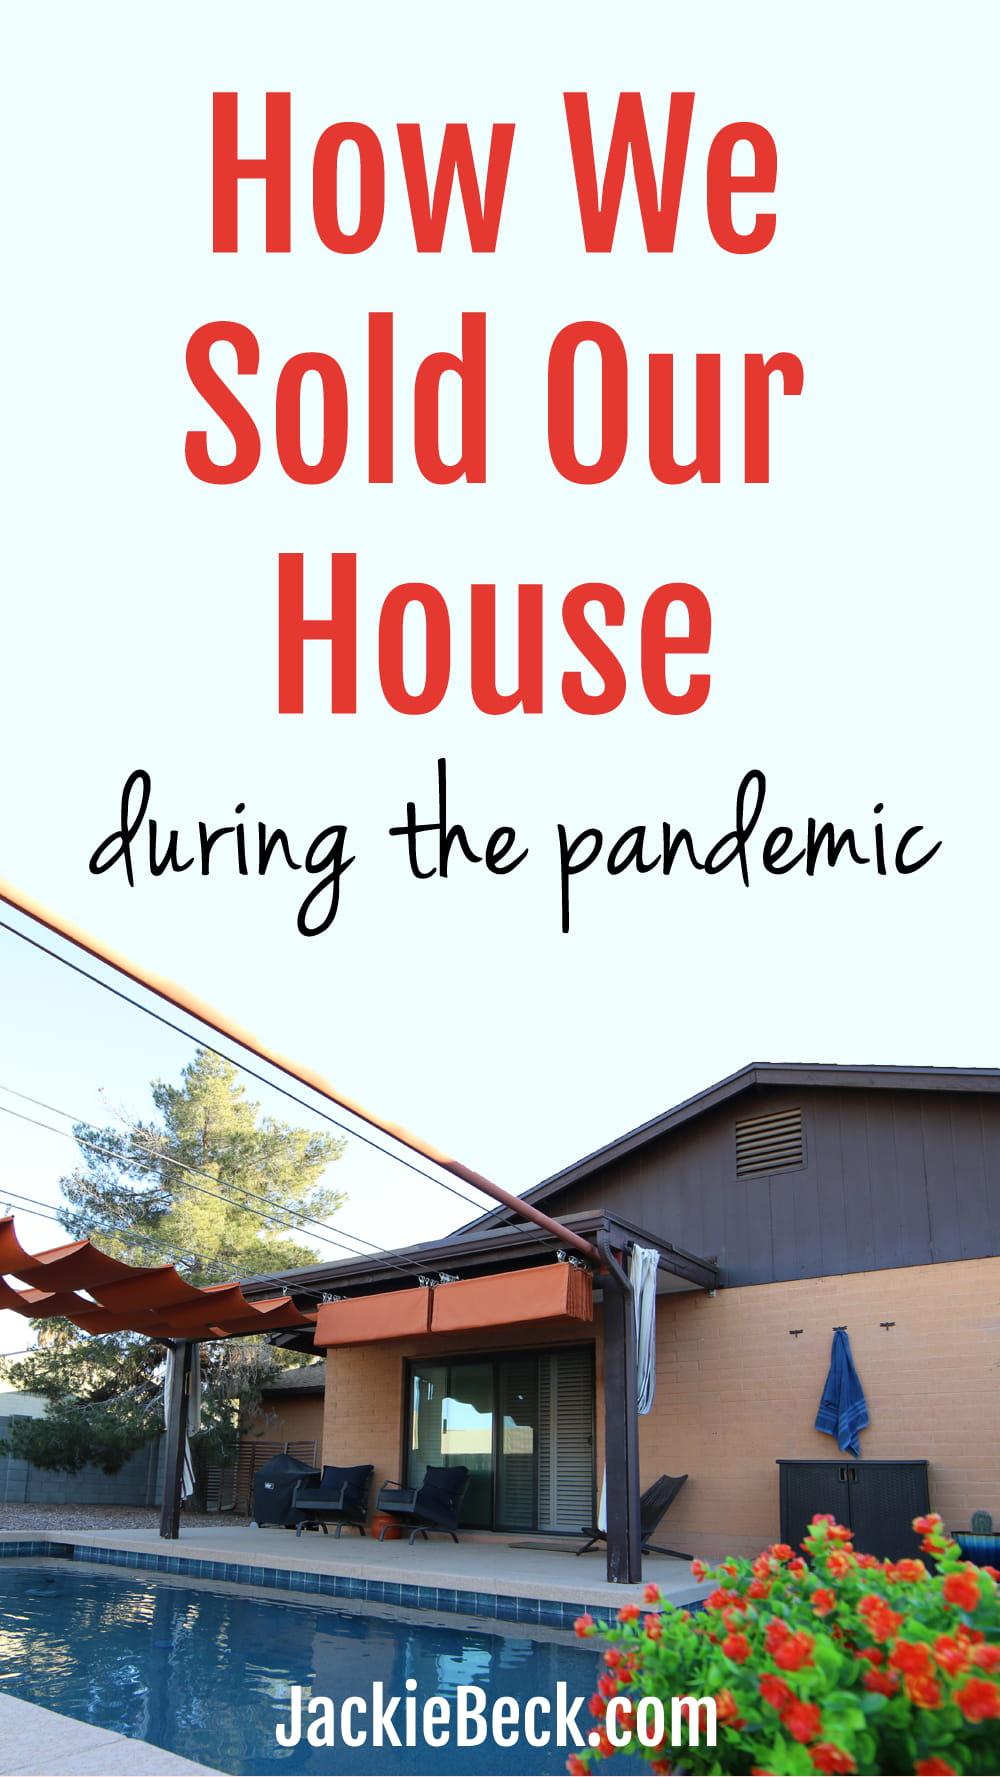 Cómo vendimos nuestra casa durante la pandemia